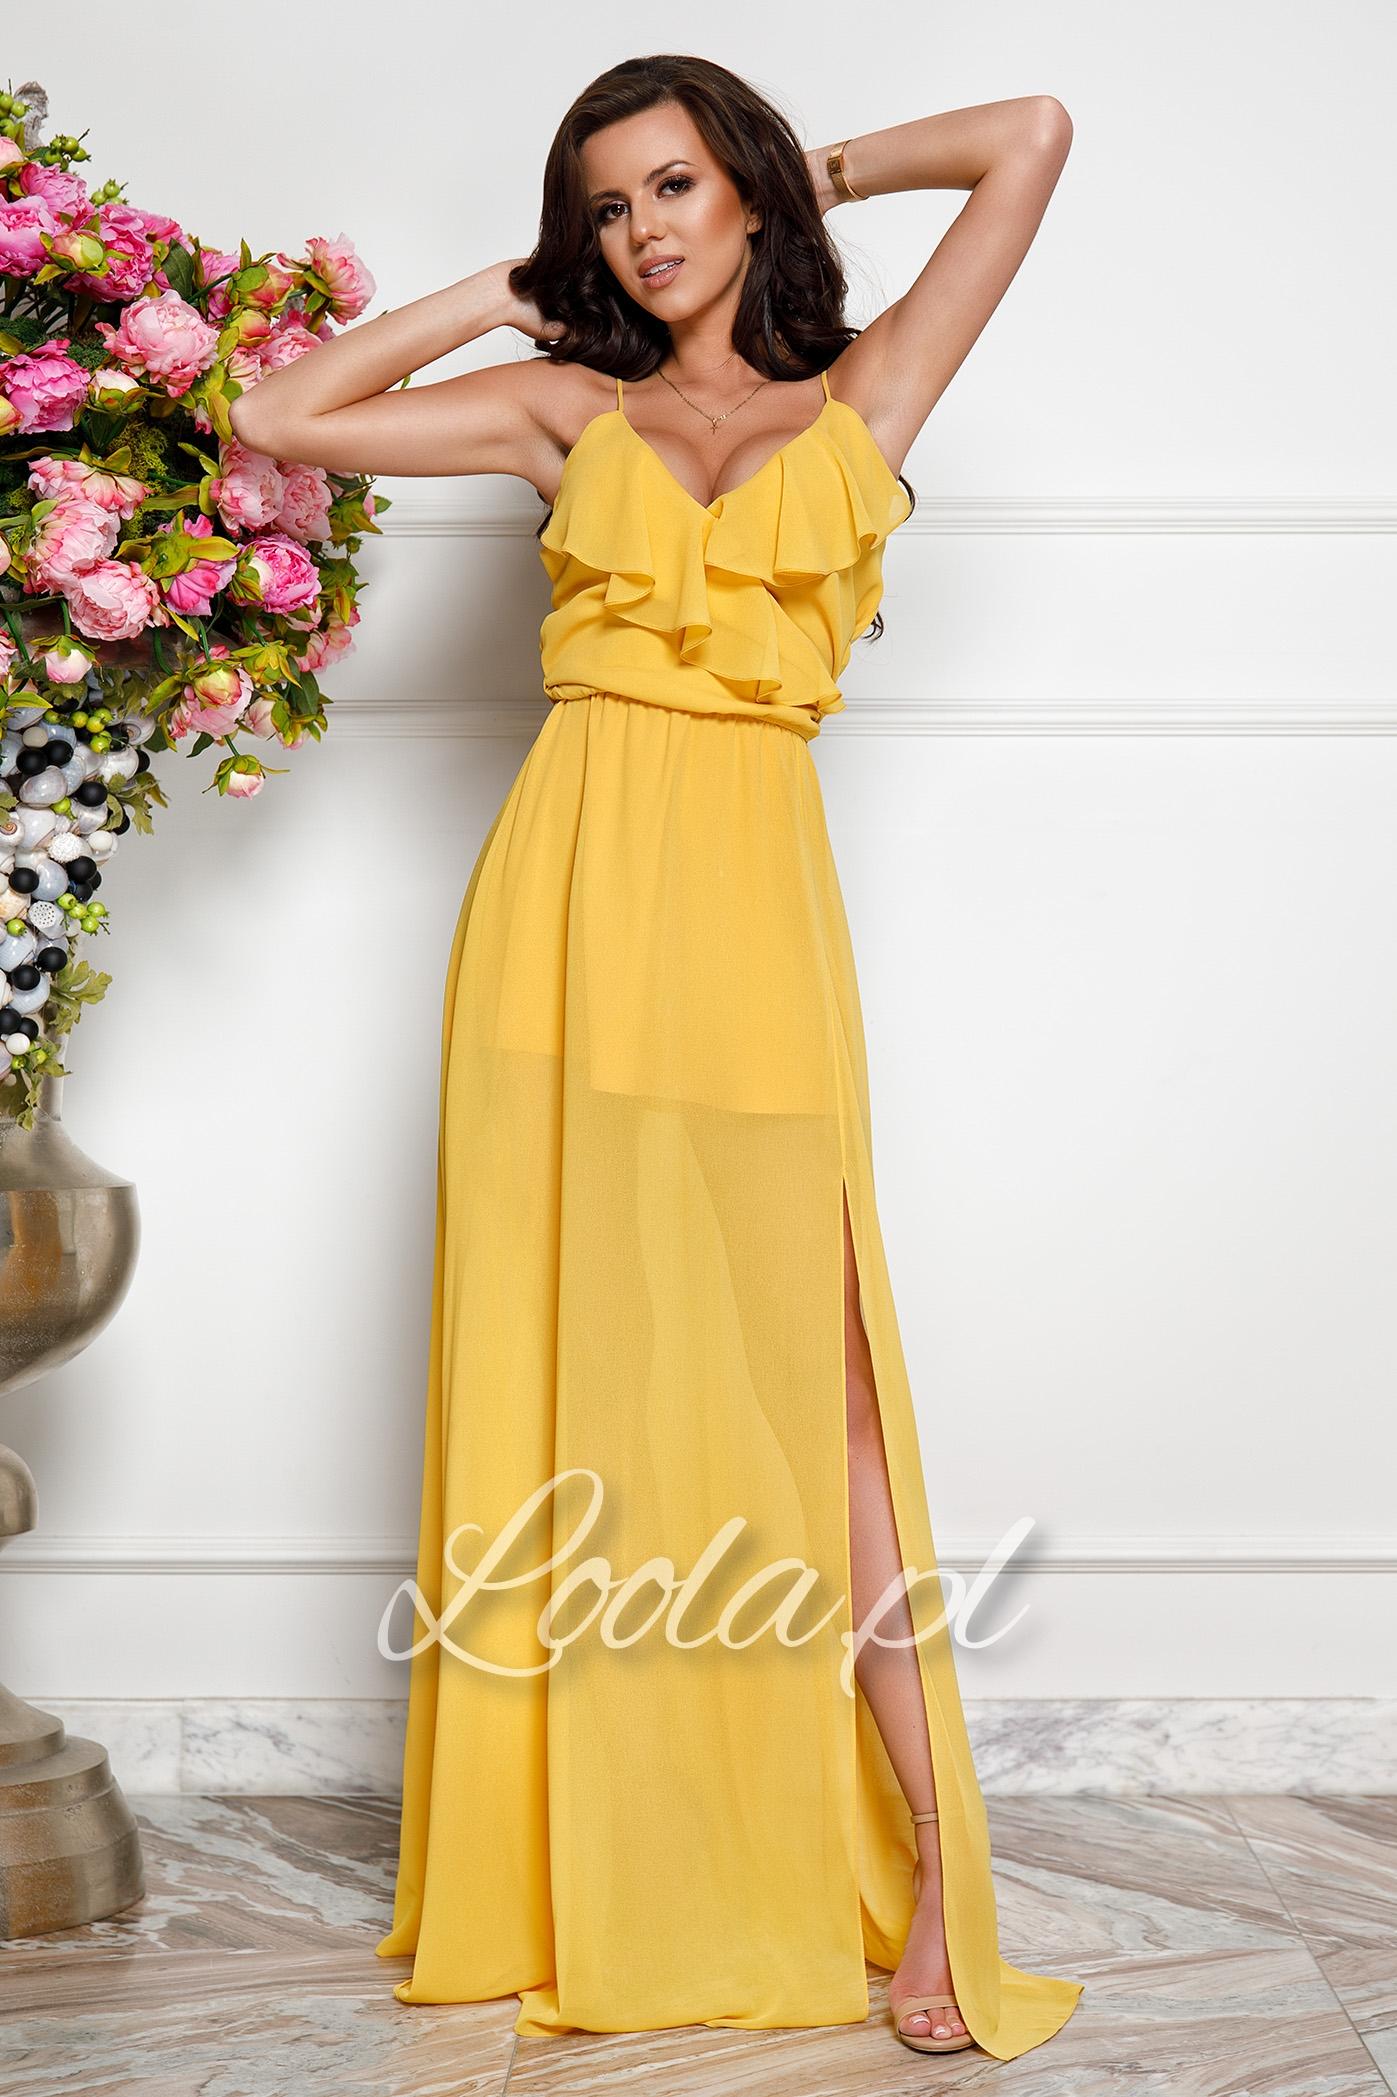 c934848abf774a Sol, żółta sukienka na wesele, na lato - Loola